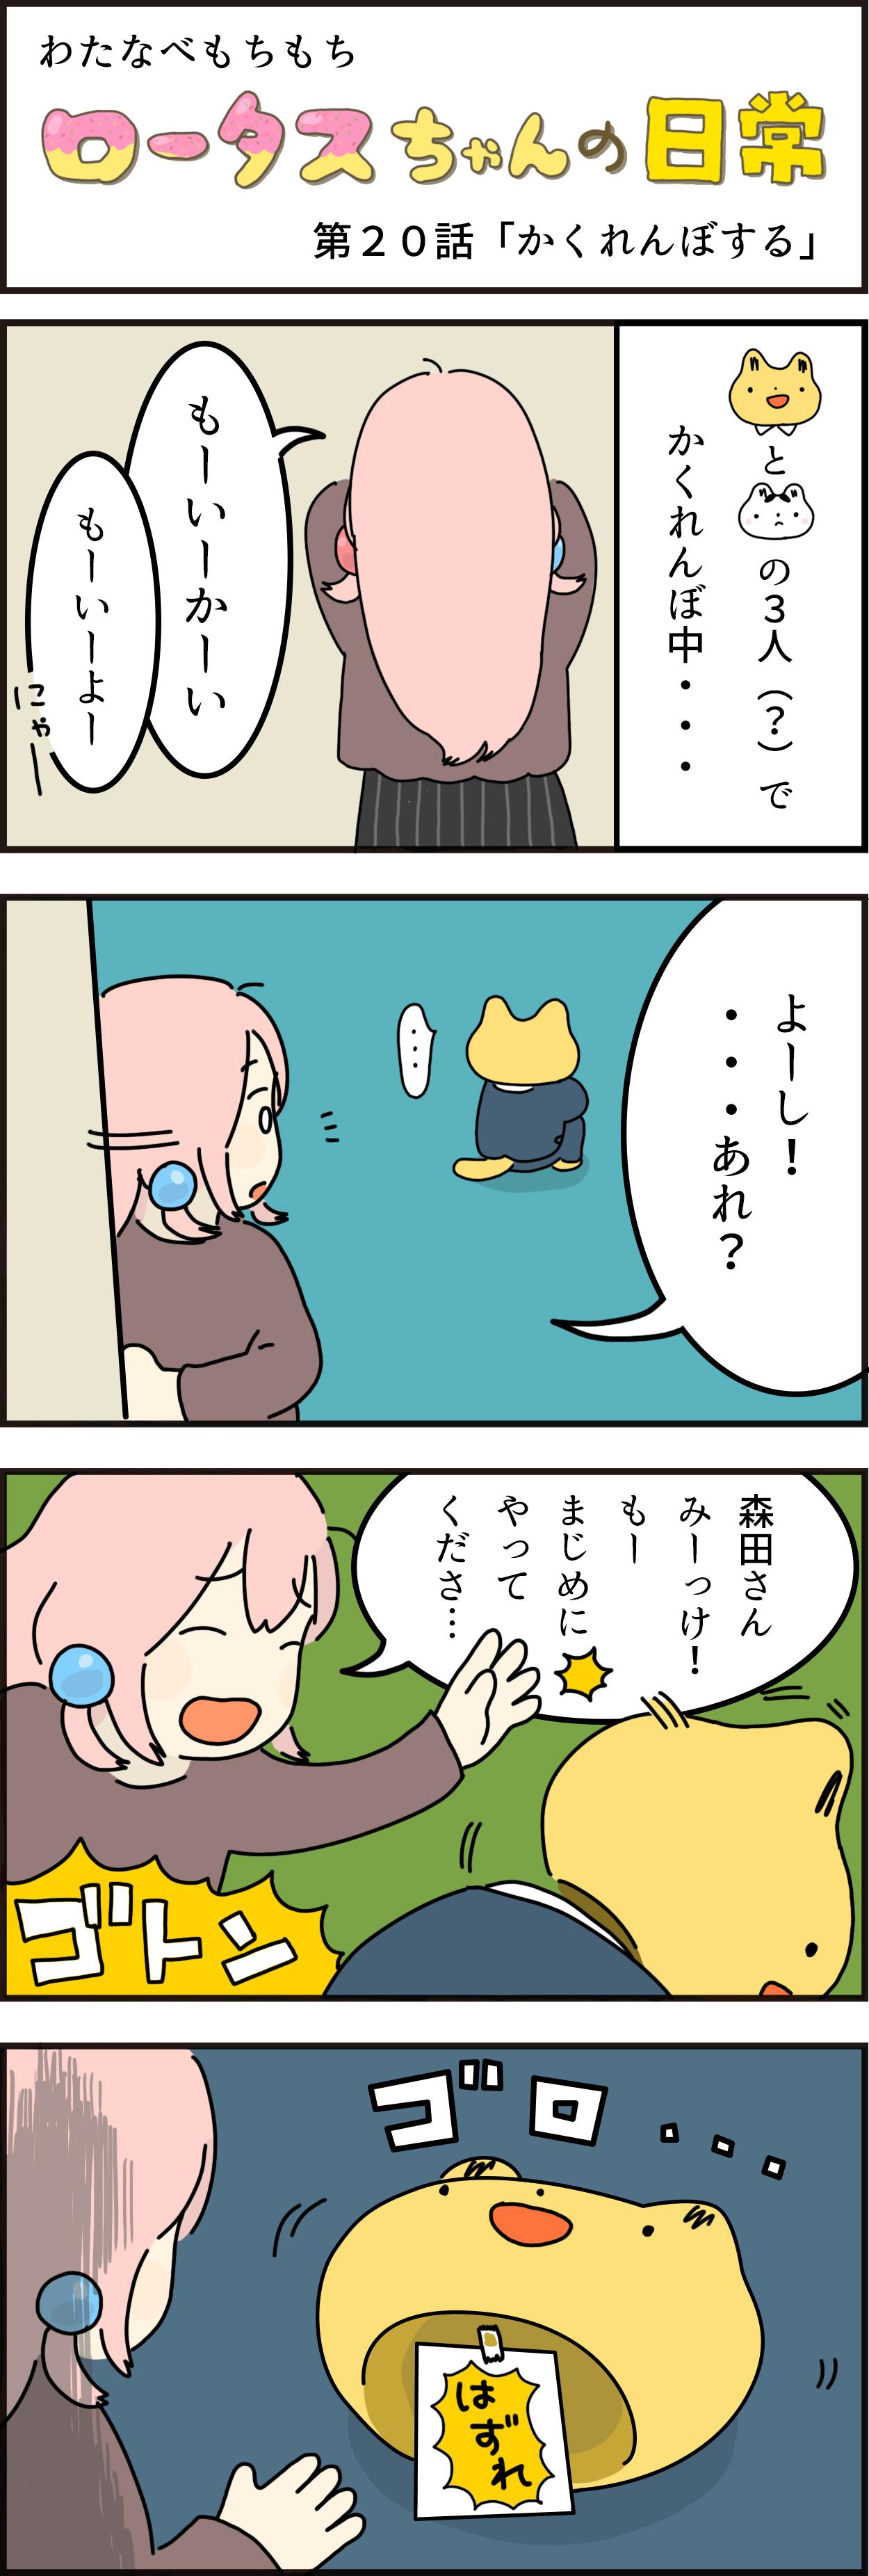 森田さんとねこちゃんと3人でかくれんぼ中・・・もーいーかい もーいーよー ニャーよーし・・・あれ? 森田さん!みーっけ!もーマジメにやってくださ・・・・